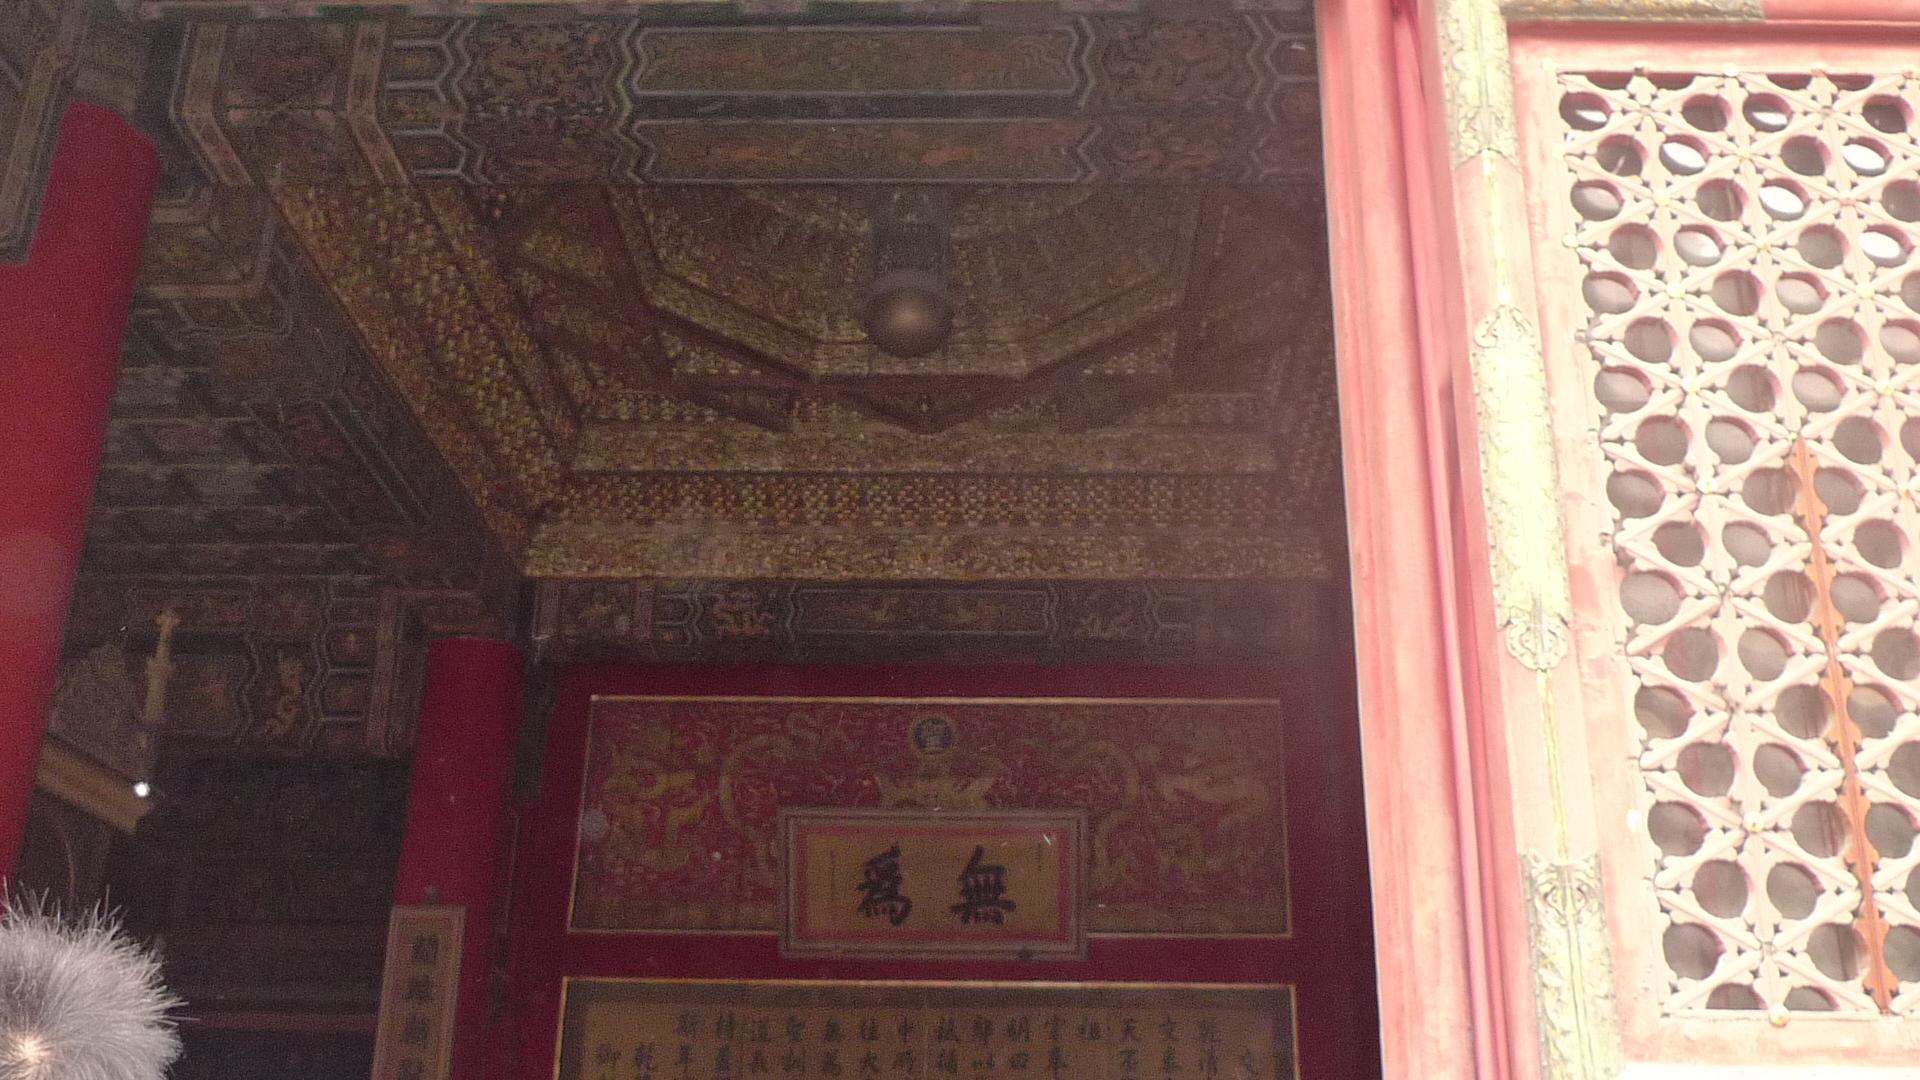 木质结构古建筑群,被誉为世界五大宫之首(北京故宫